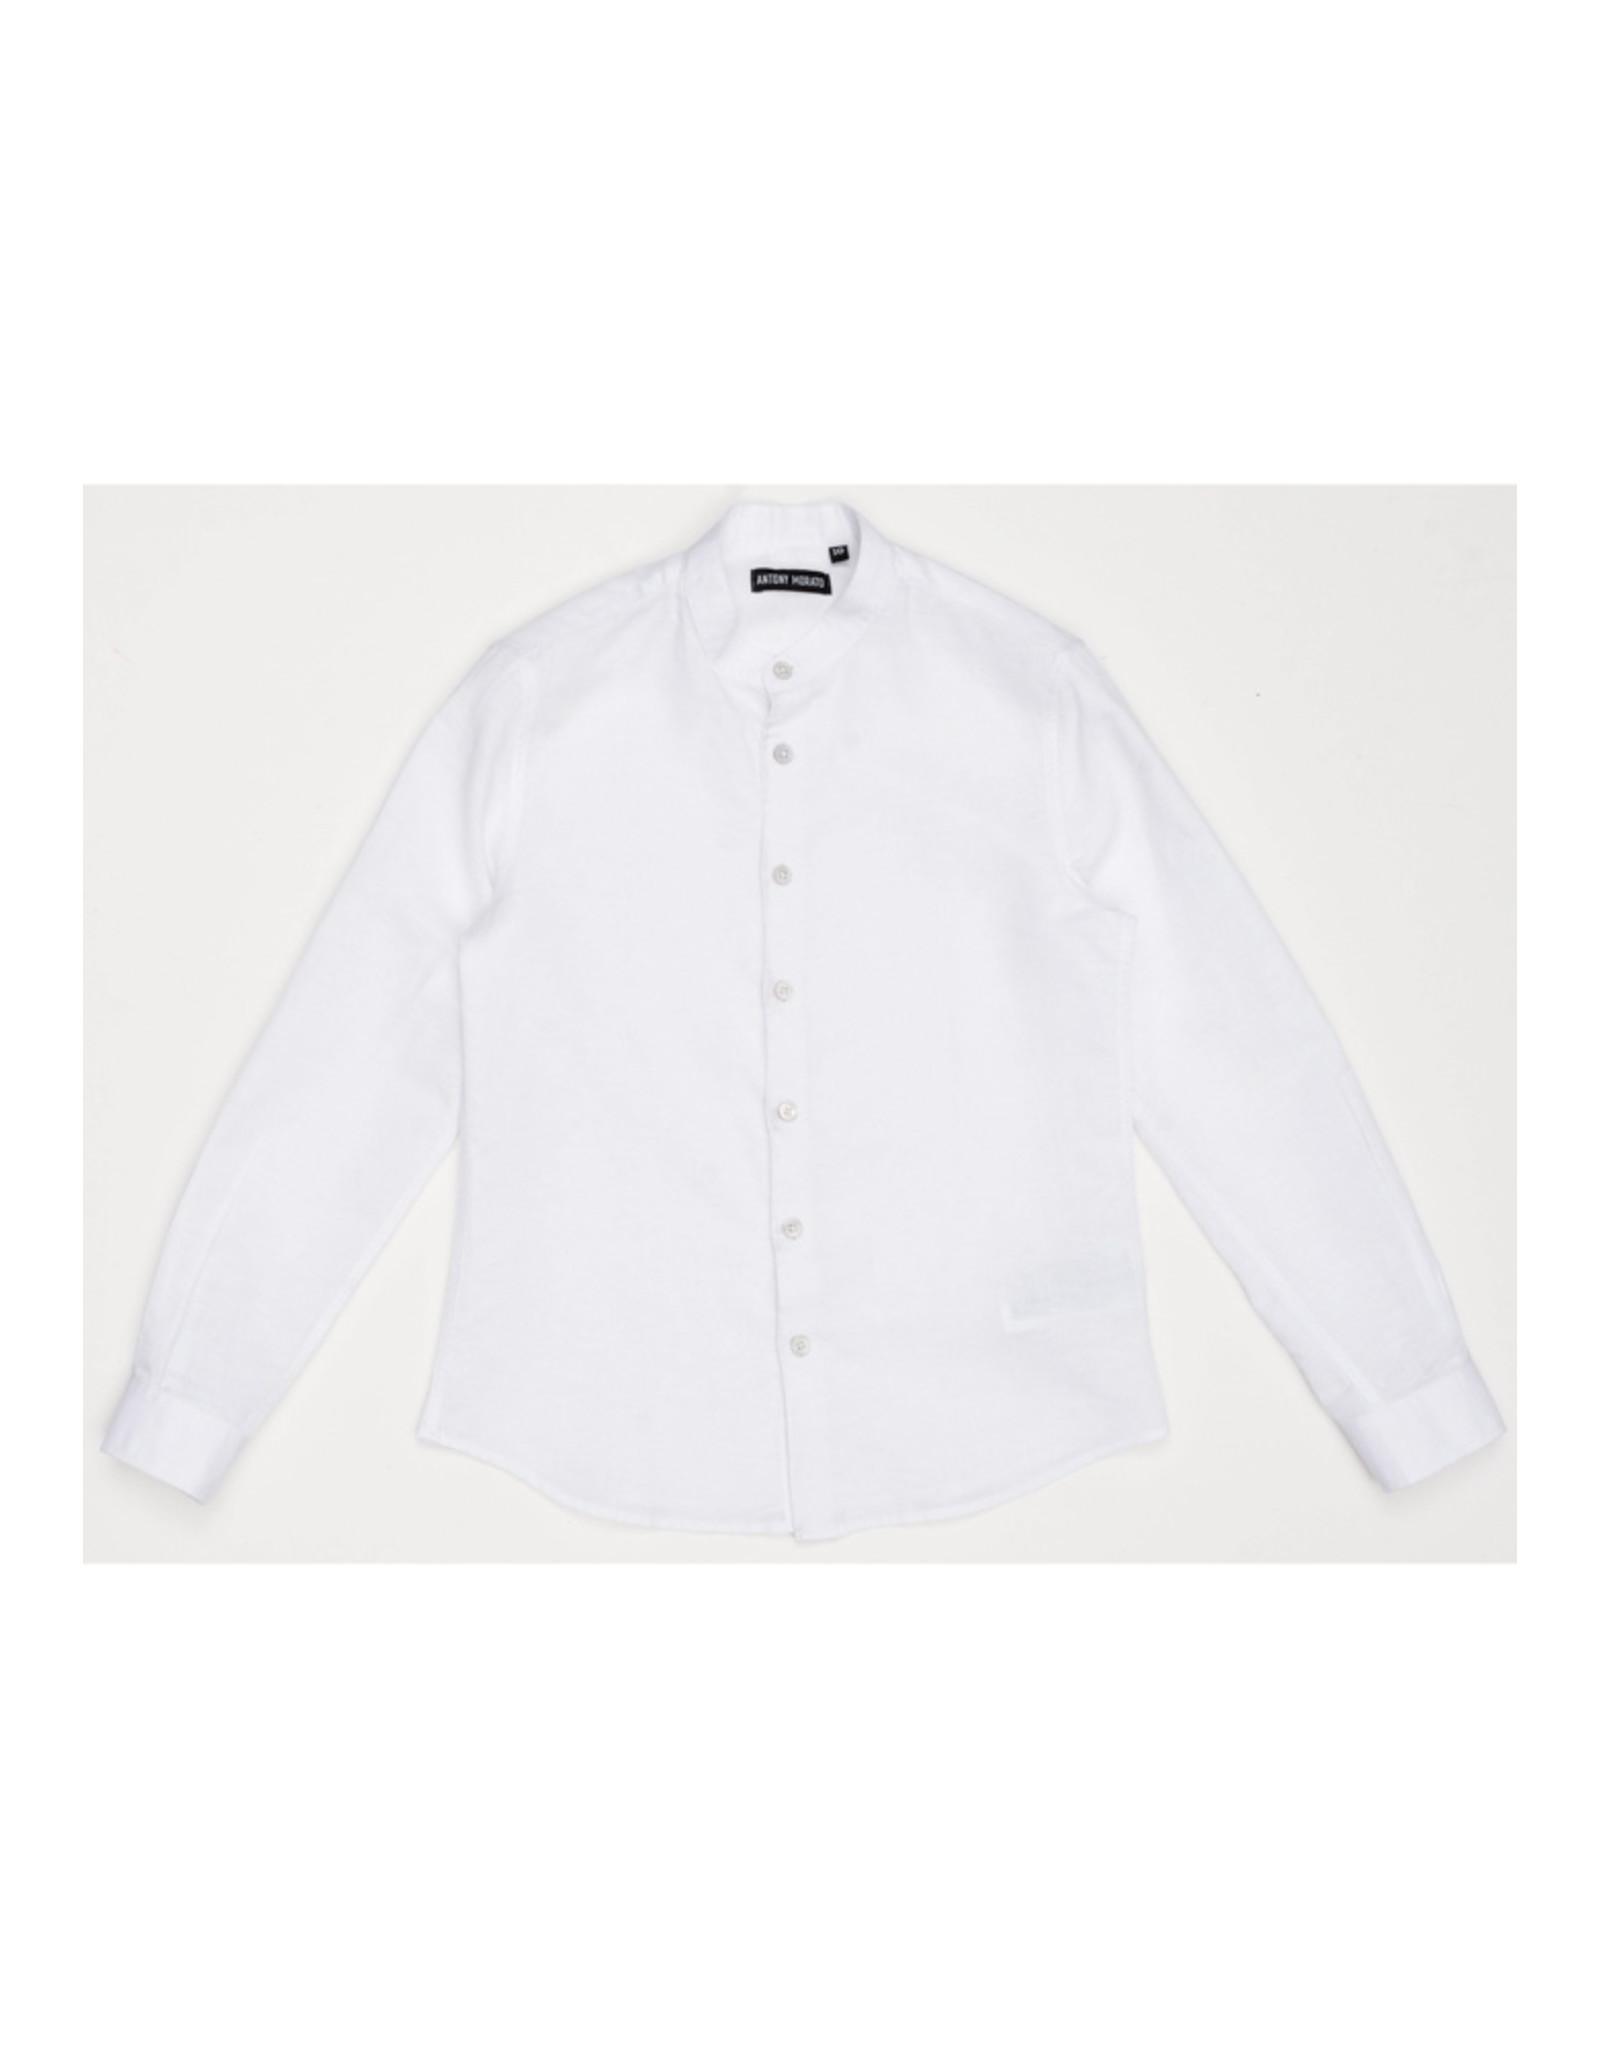 Antony Morato Long Sleeved Shirt White